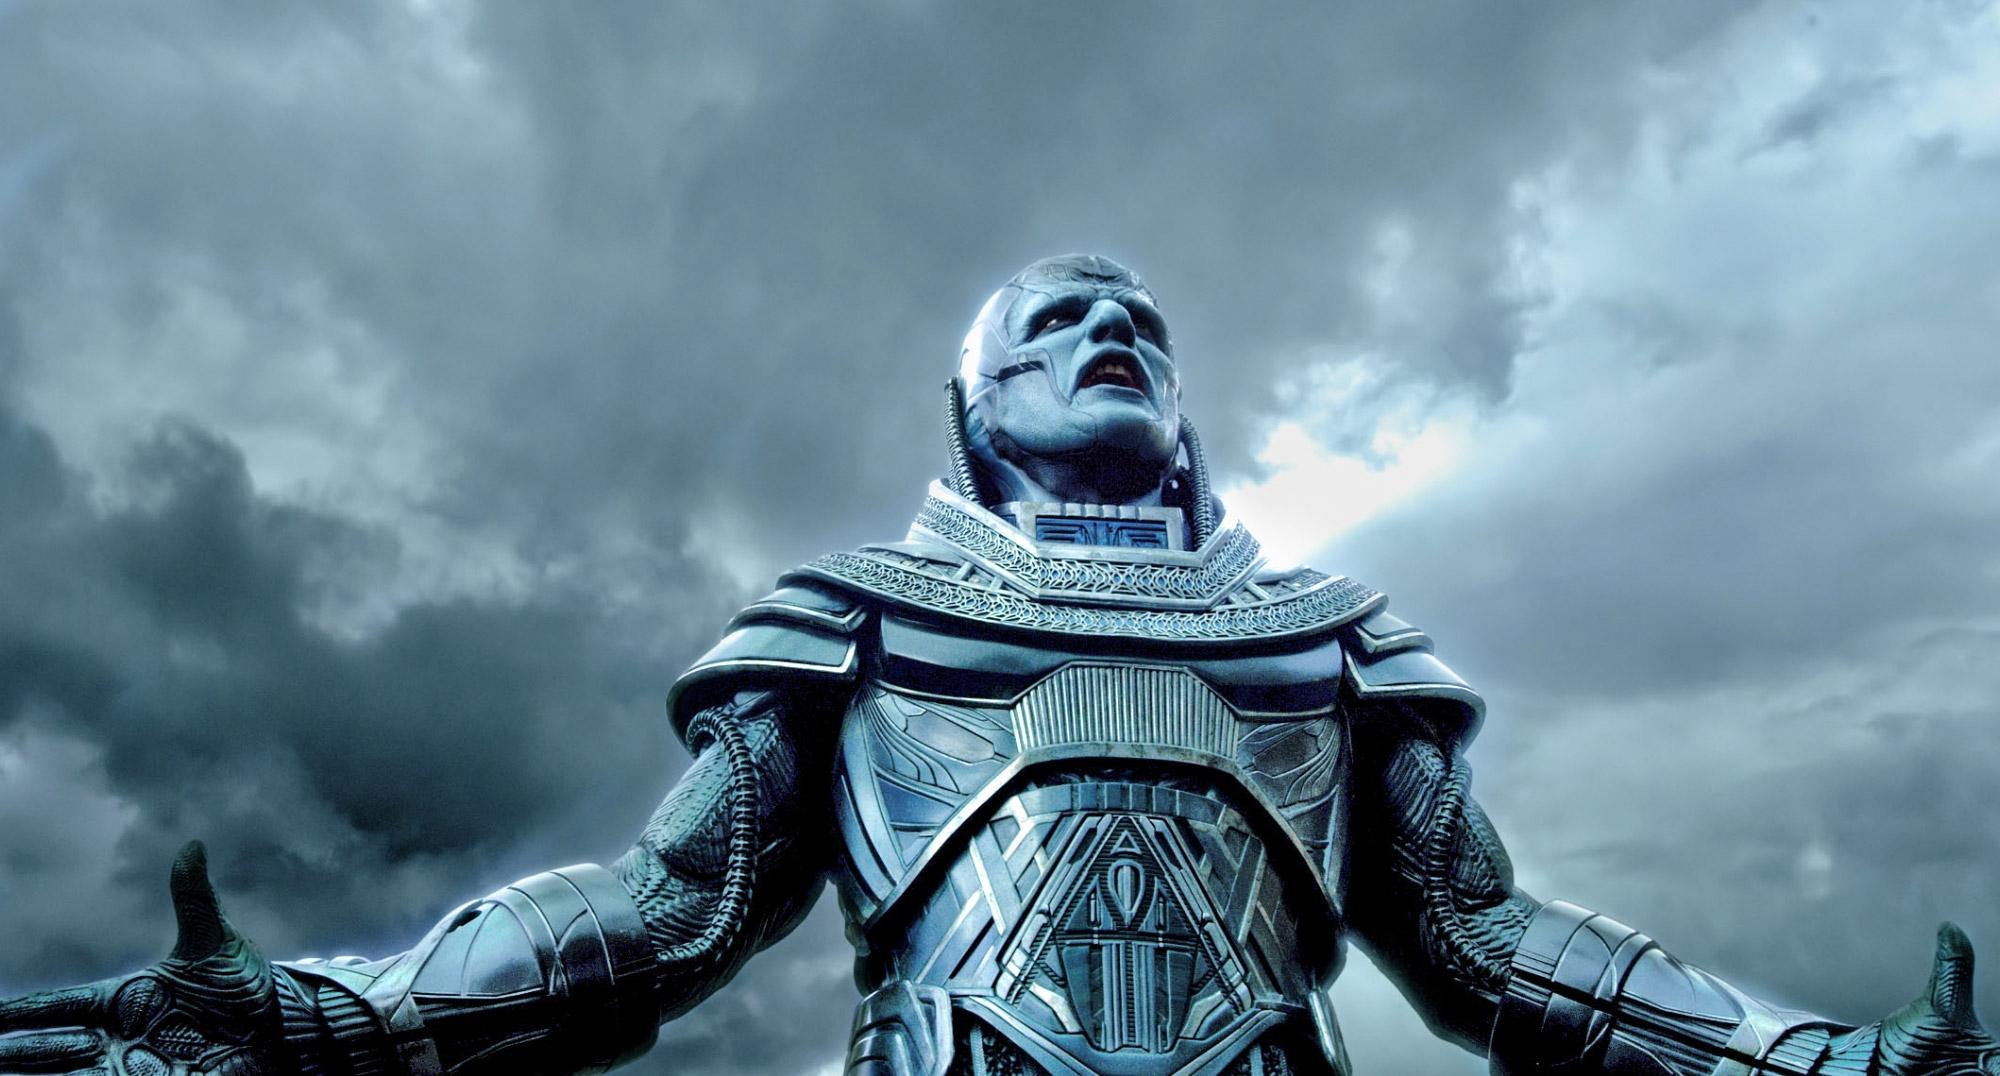 WATCH: 'X-Men: Apocalypse' Clip On En Sabah Nur Origin